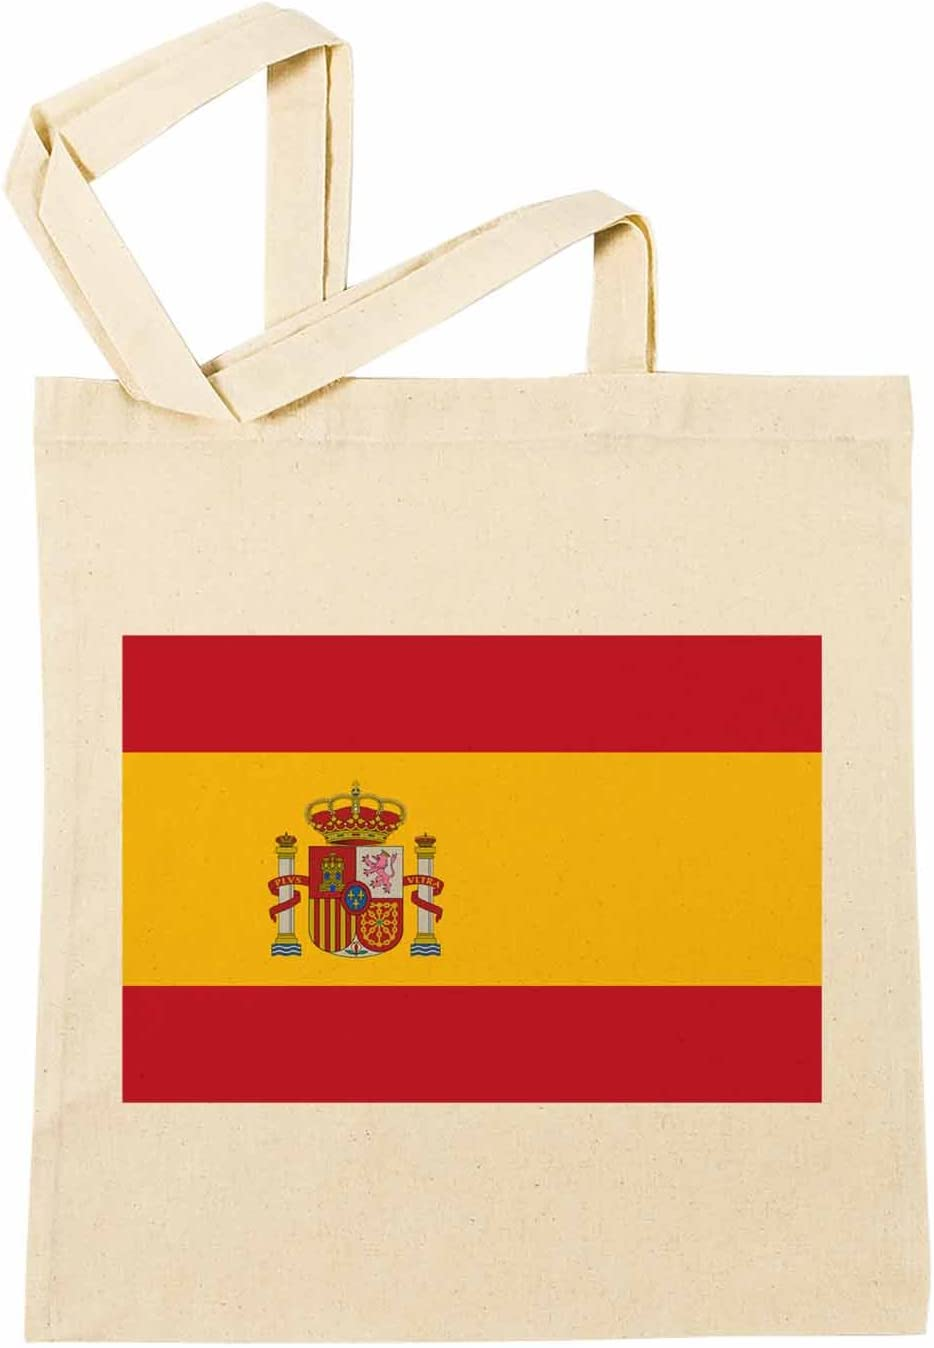 España Nacional Bandera Bolsa De Compras Playa De Algodón Reutilizable Shopping Bag Beach: Amazon.es: Hogar